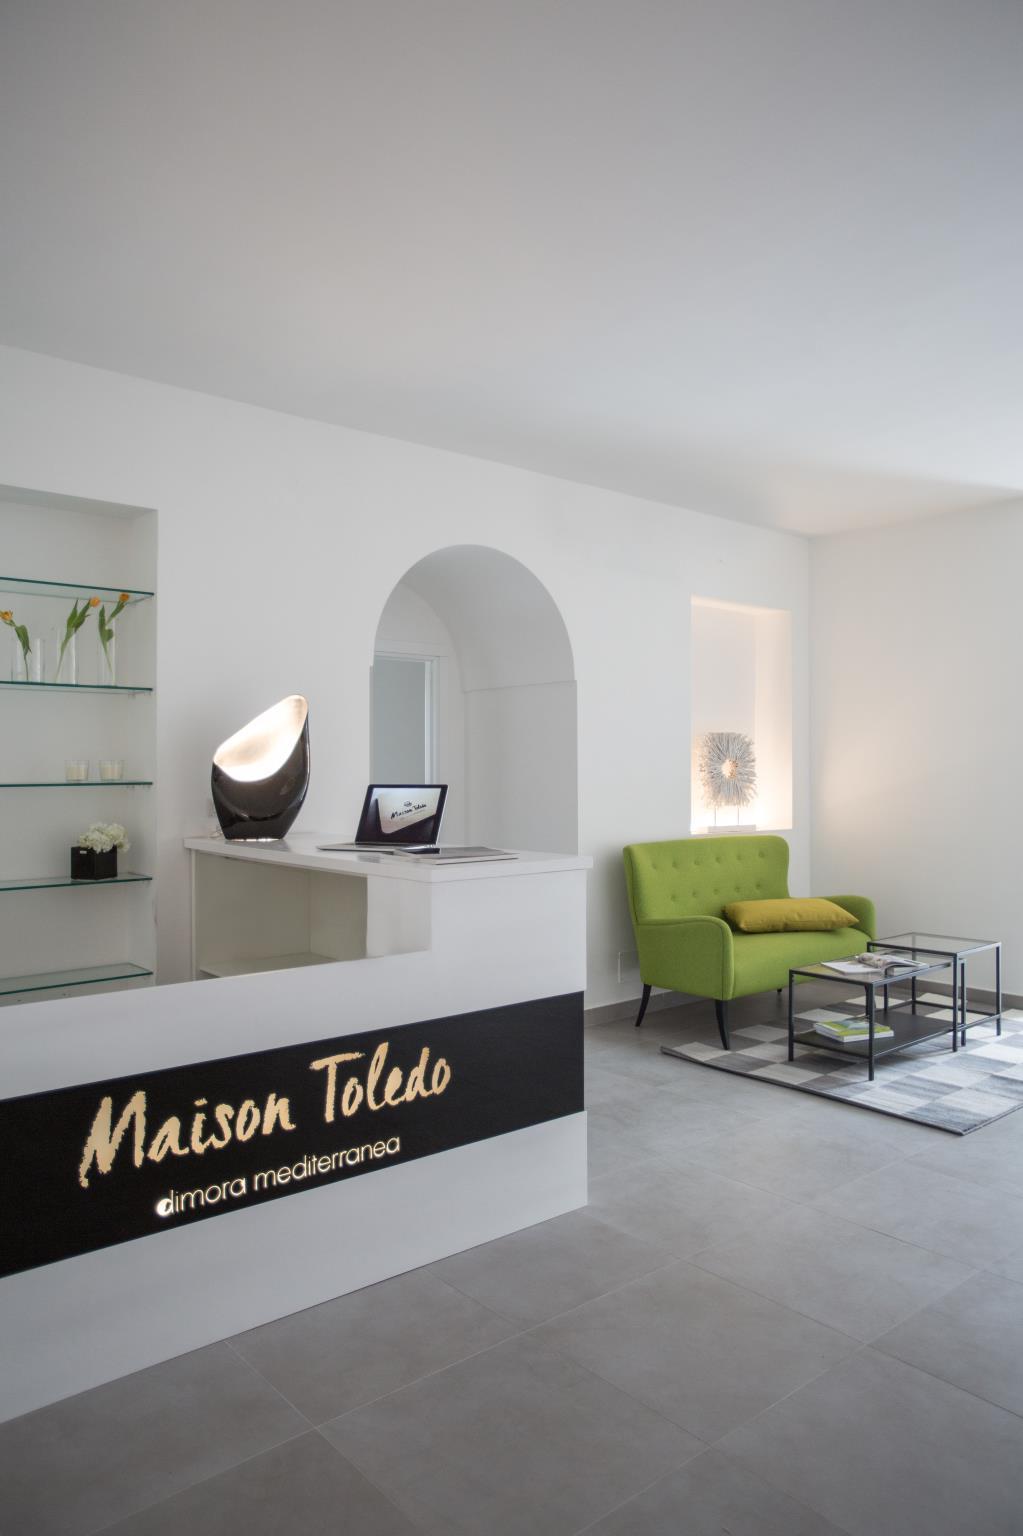 Maison Toledo